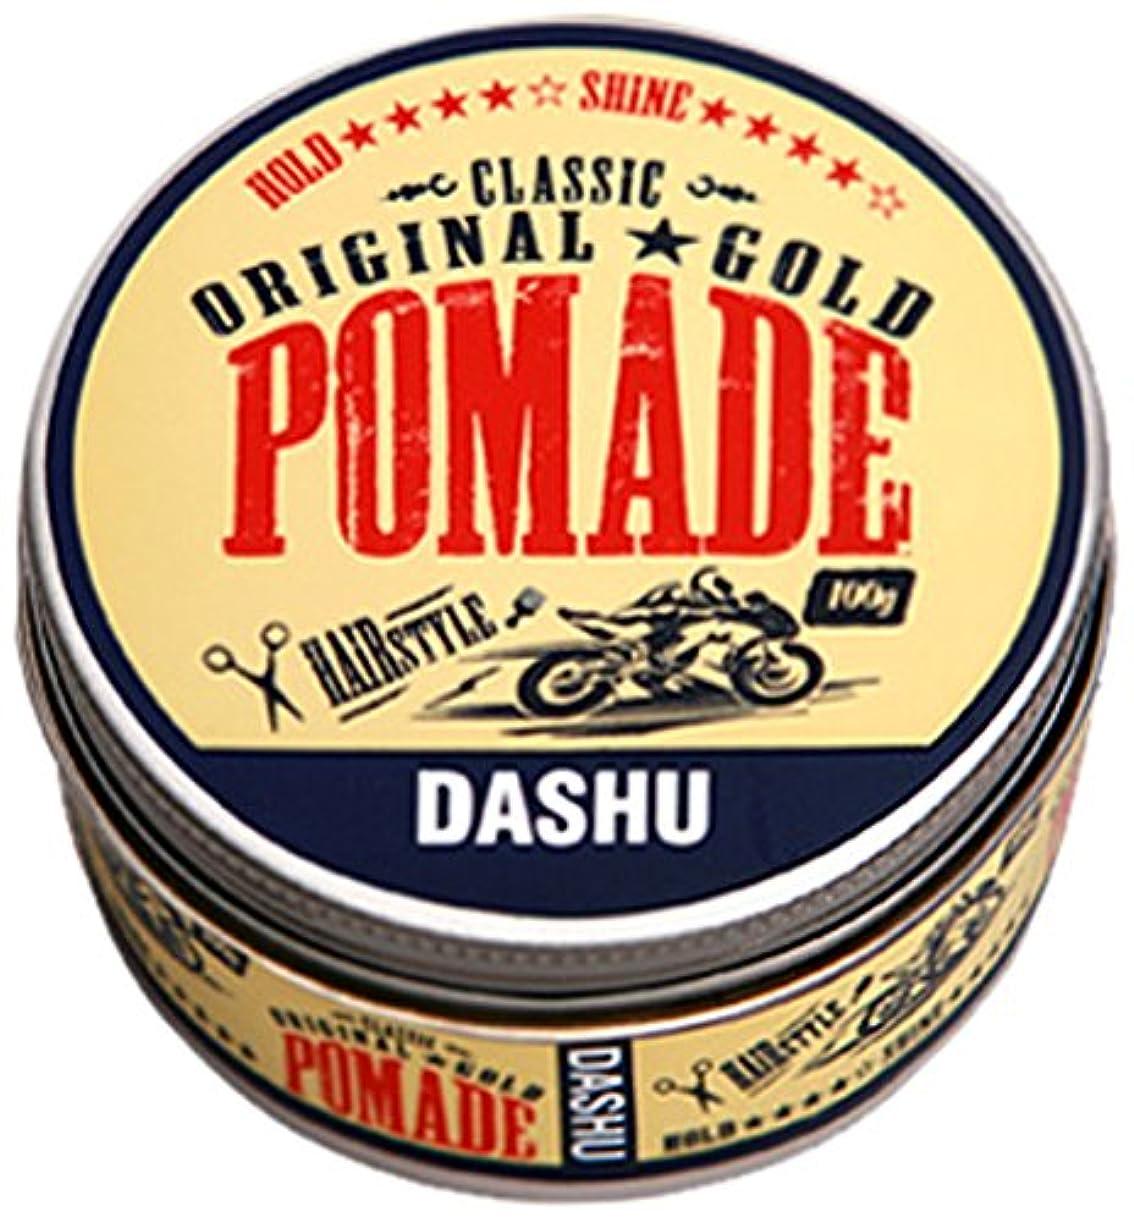 予想するコミットメント免除する[DASHU] ダシュ クラシックオリジナルゴールドポマードヘアワックス Classic Original Gold Pomade Hair Wax 100ml / 韓国製 . 韓国直送品